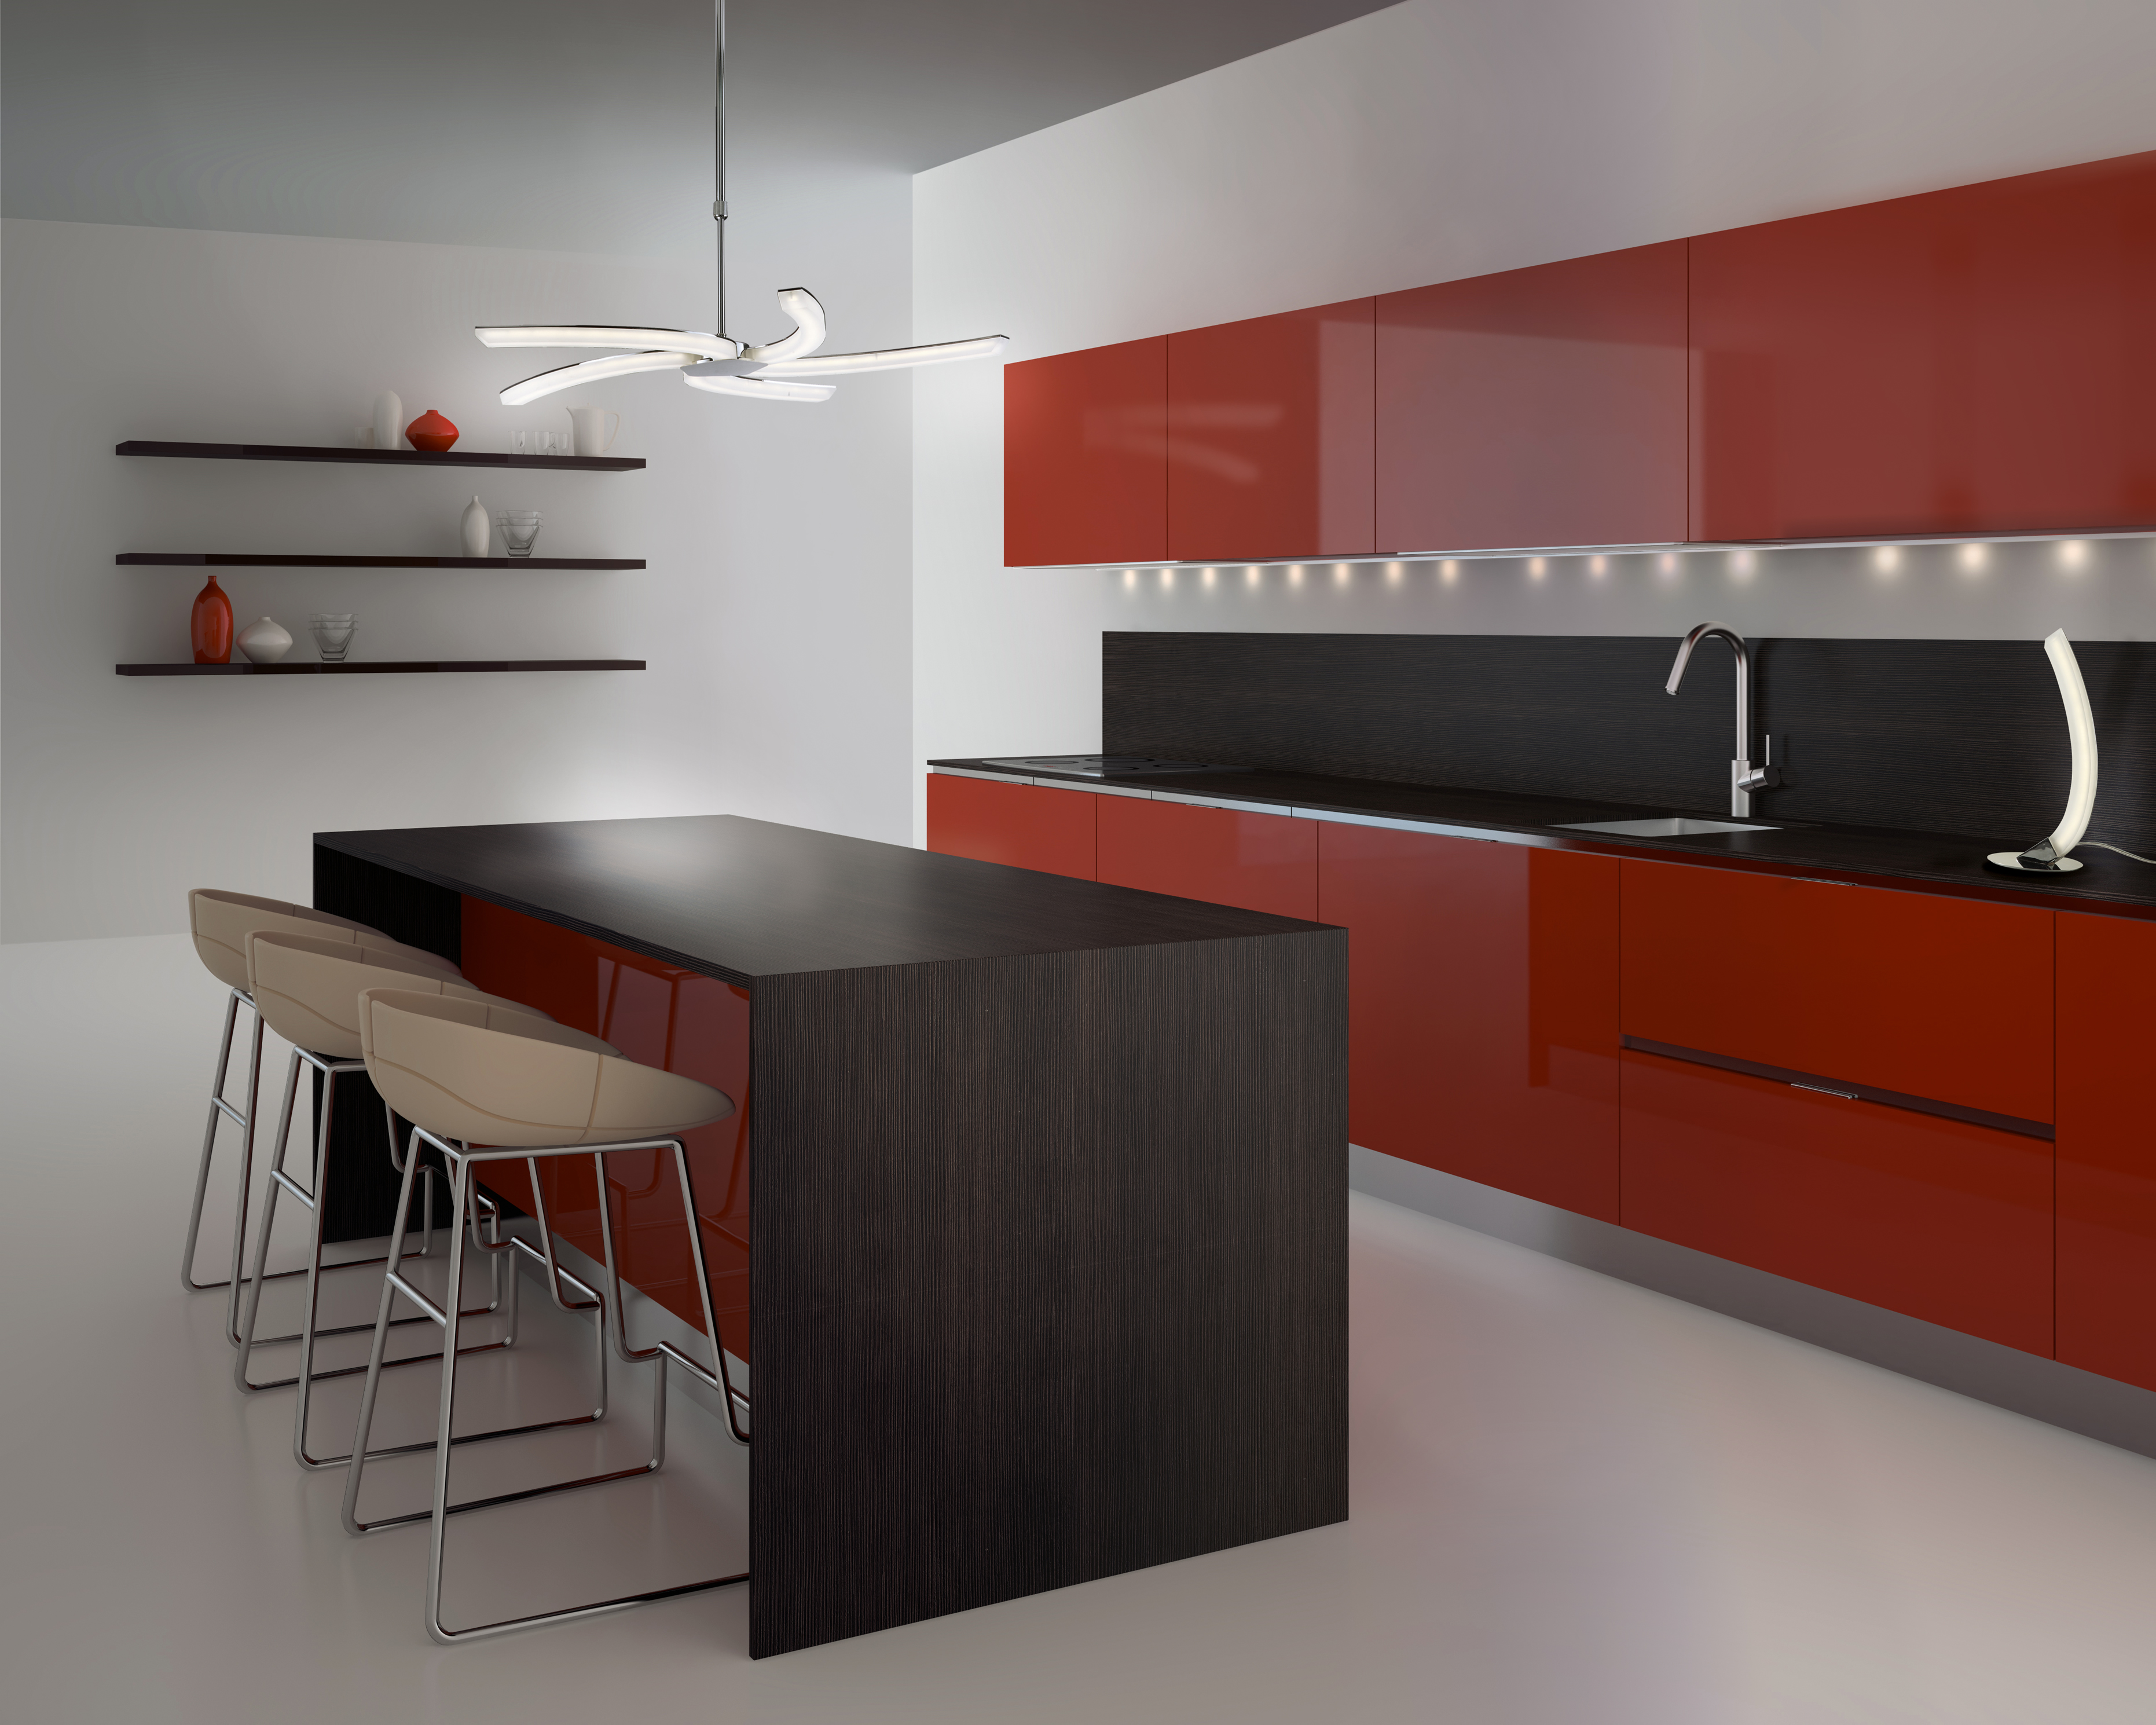 Lamparas led para cocinas 47375 cocinas ideas - Led para cocina ...